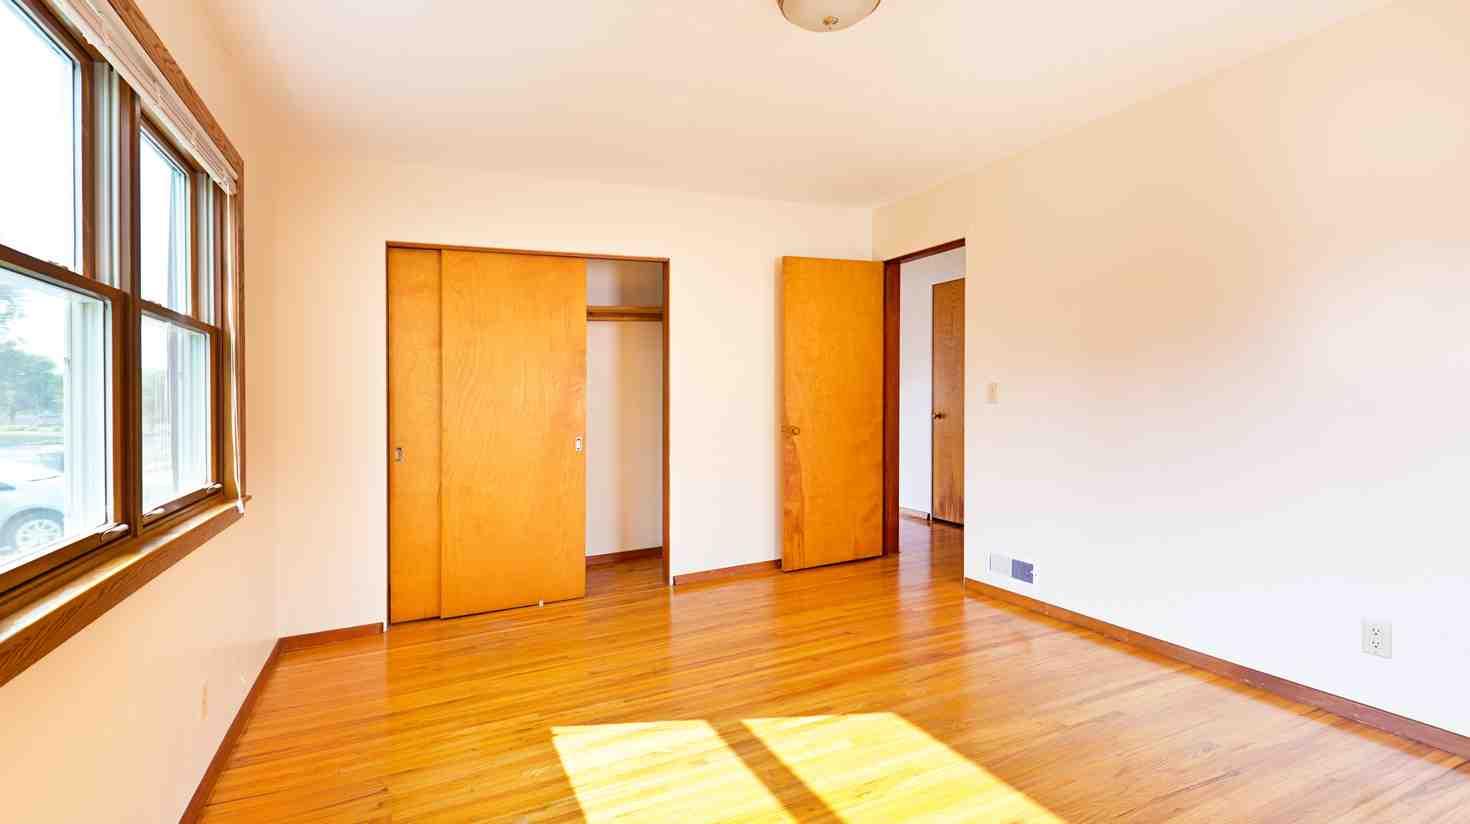 Comment trouver un logement à moindre coût?